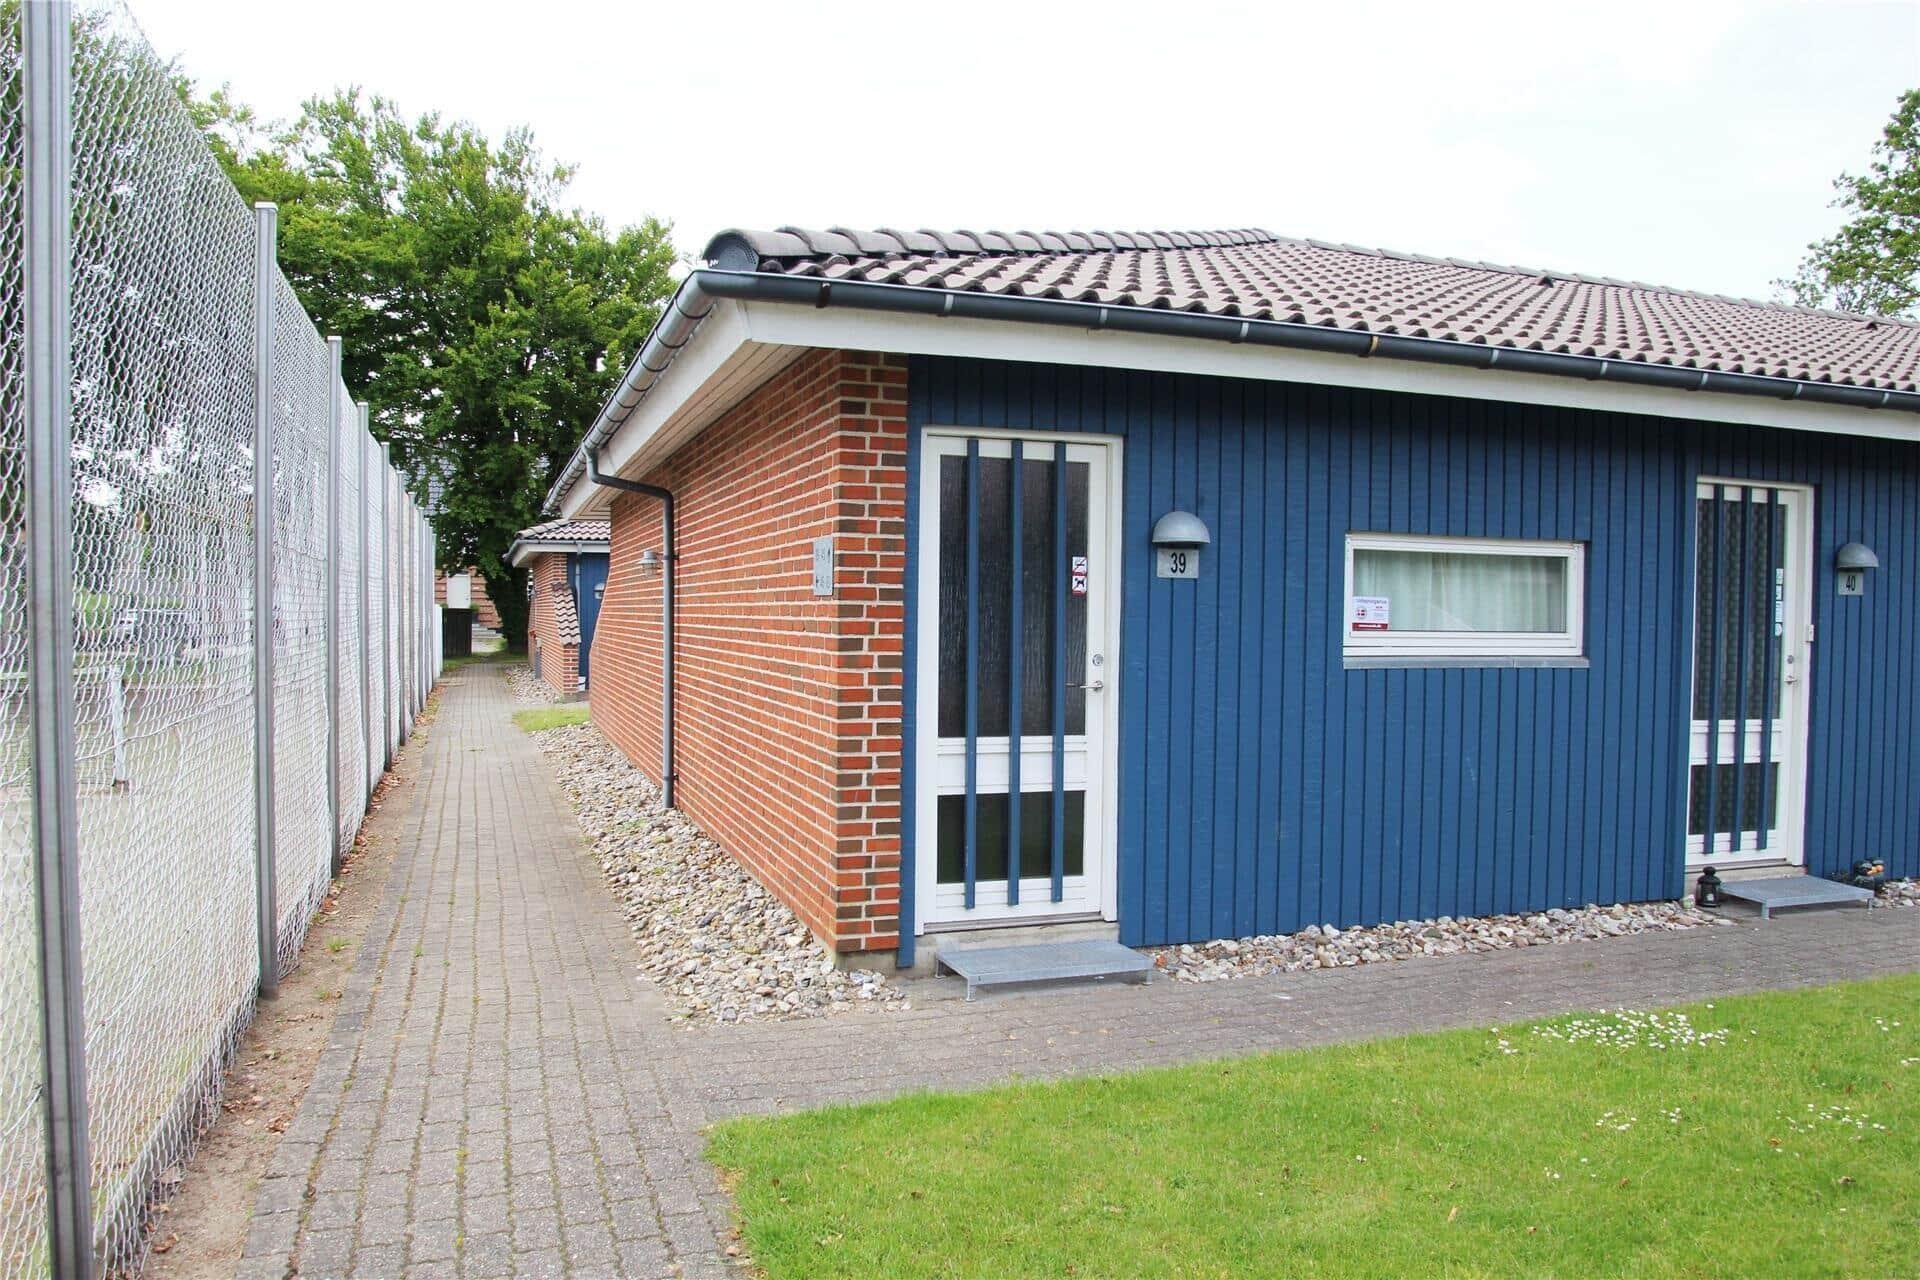 Billede 1-3 Sommerhus M641901, Grønnevej 8, DK - 5400 Bogense